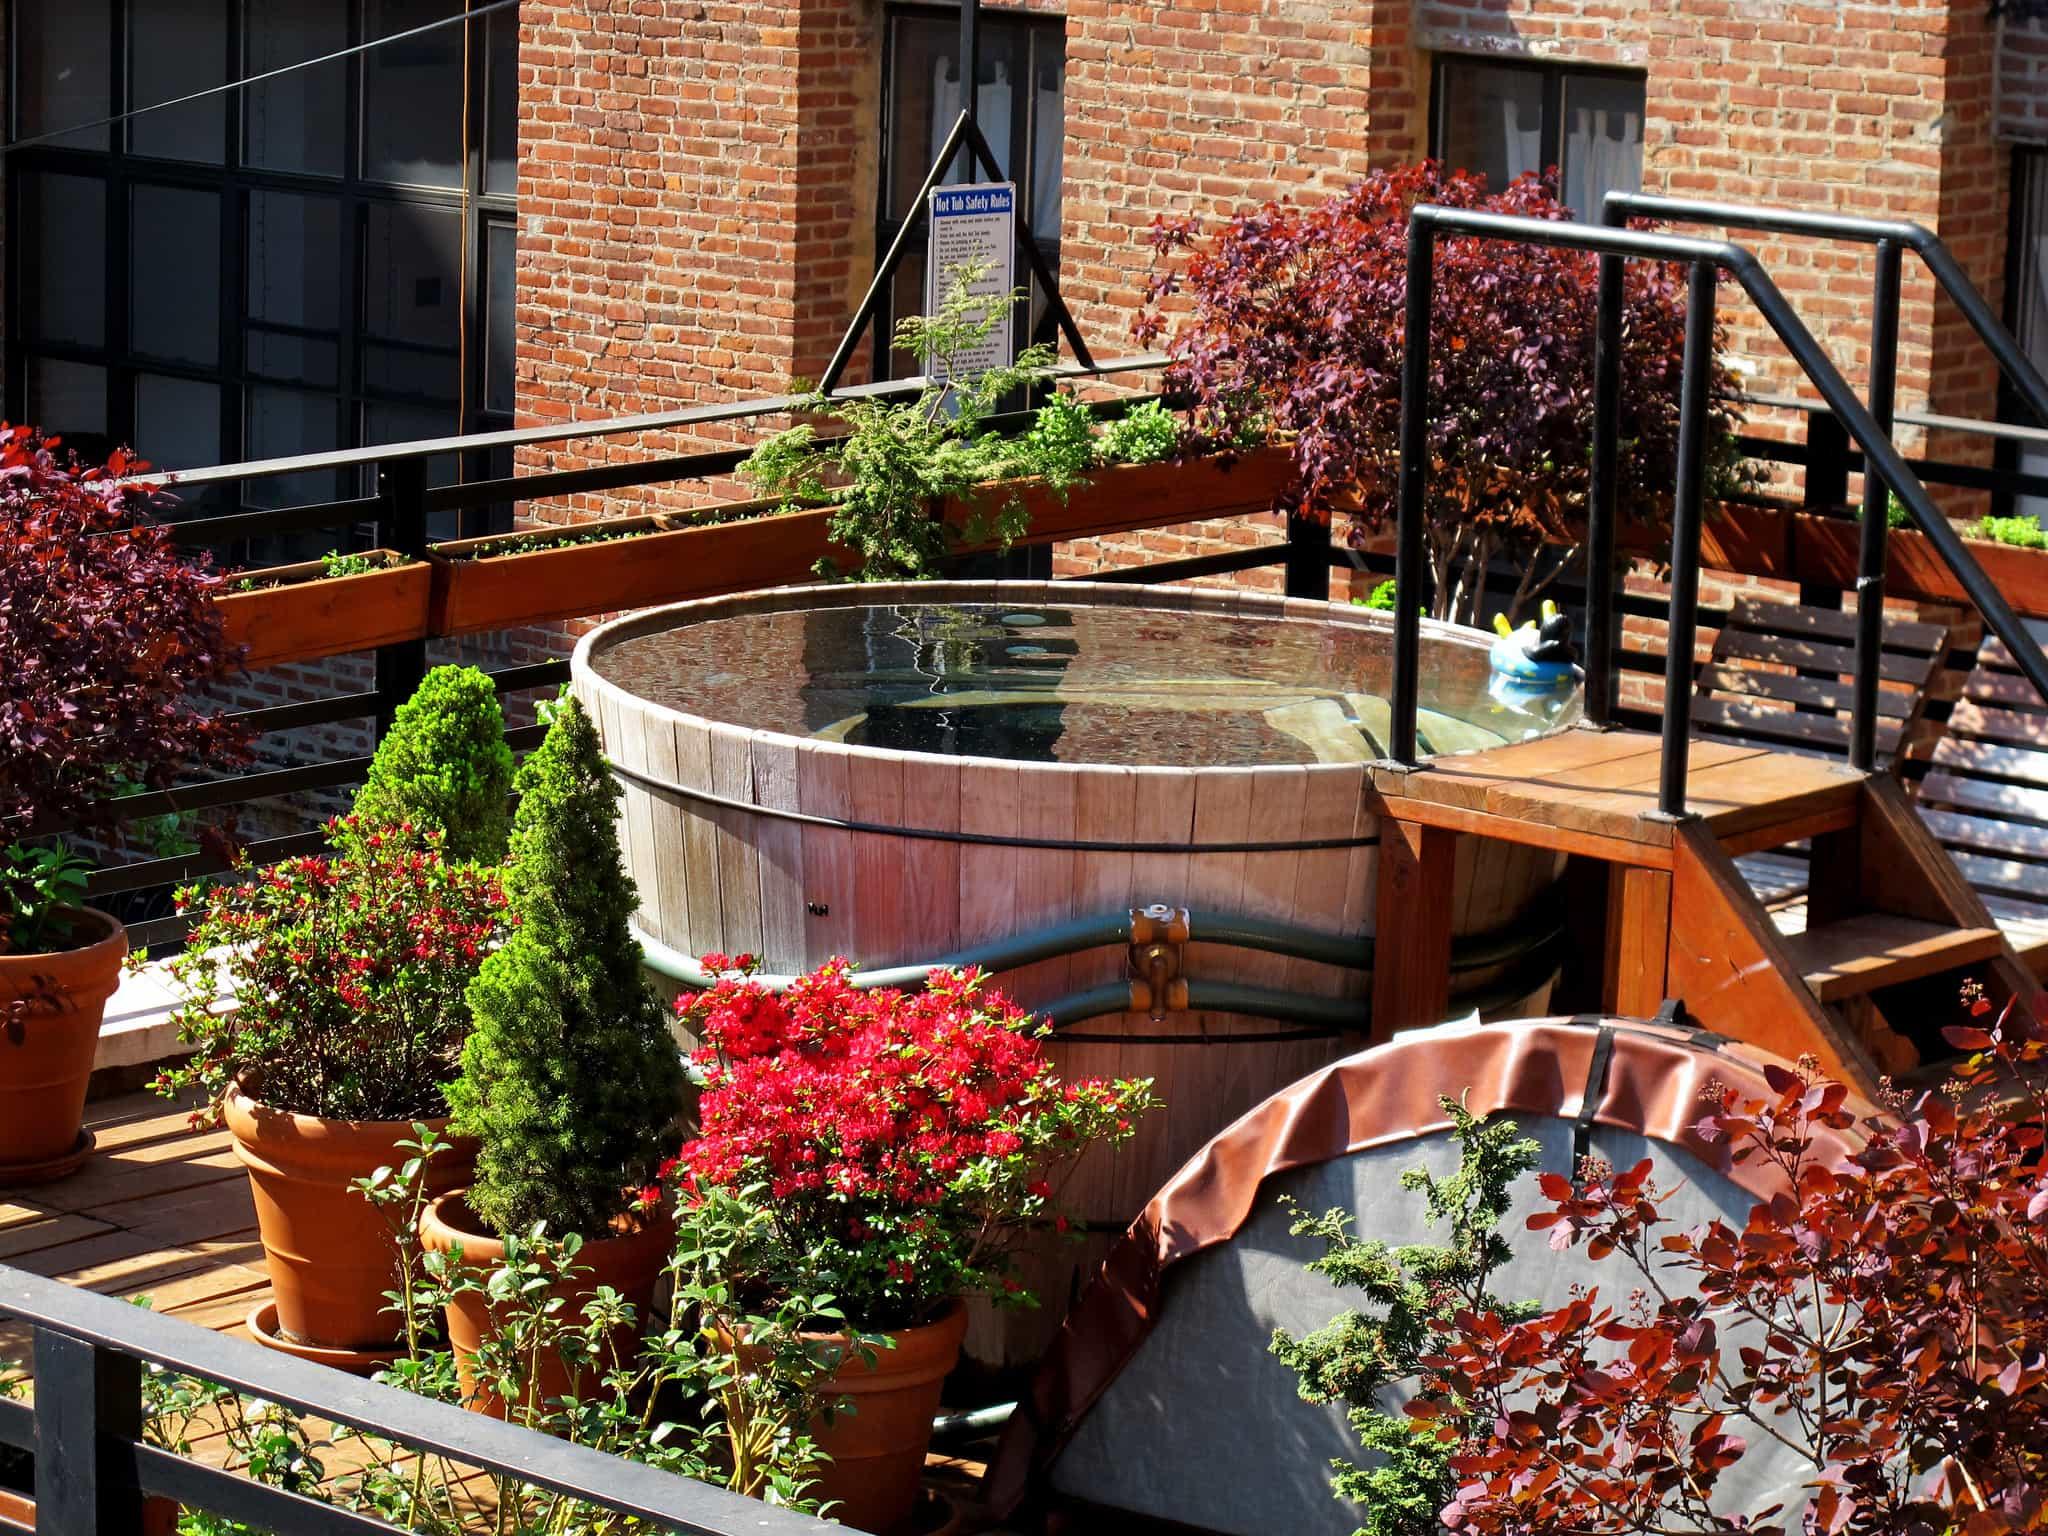 Whirlpool in Dachgarten, eingebettet mit Blumen